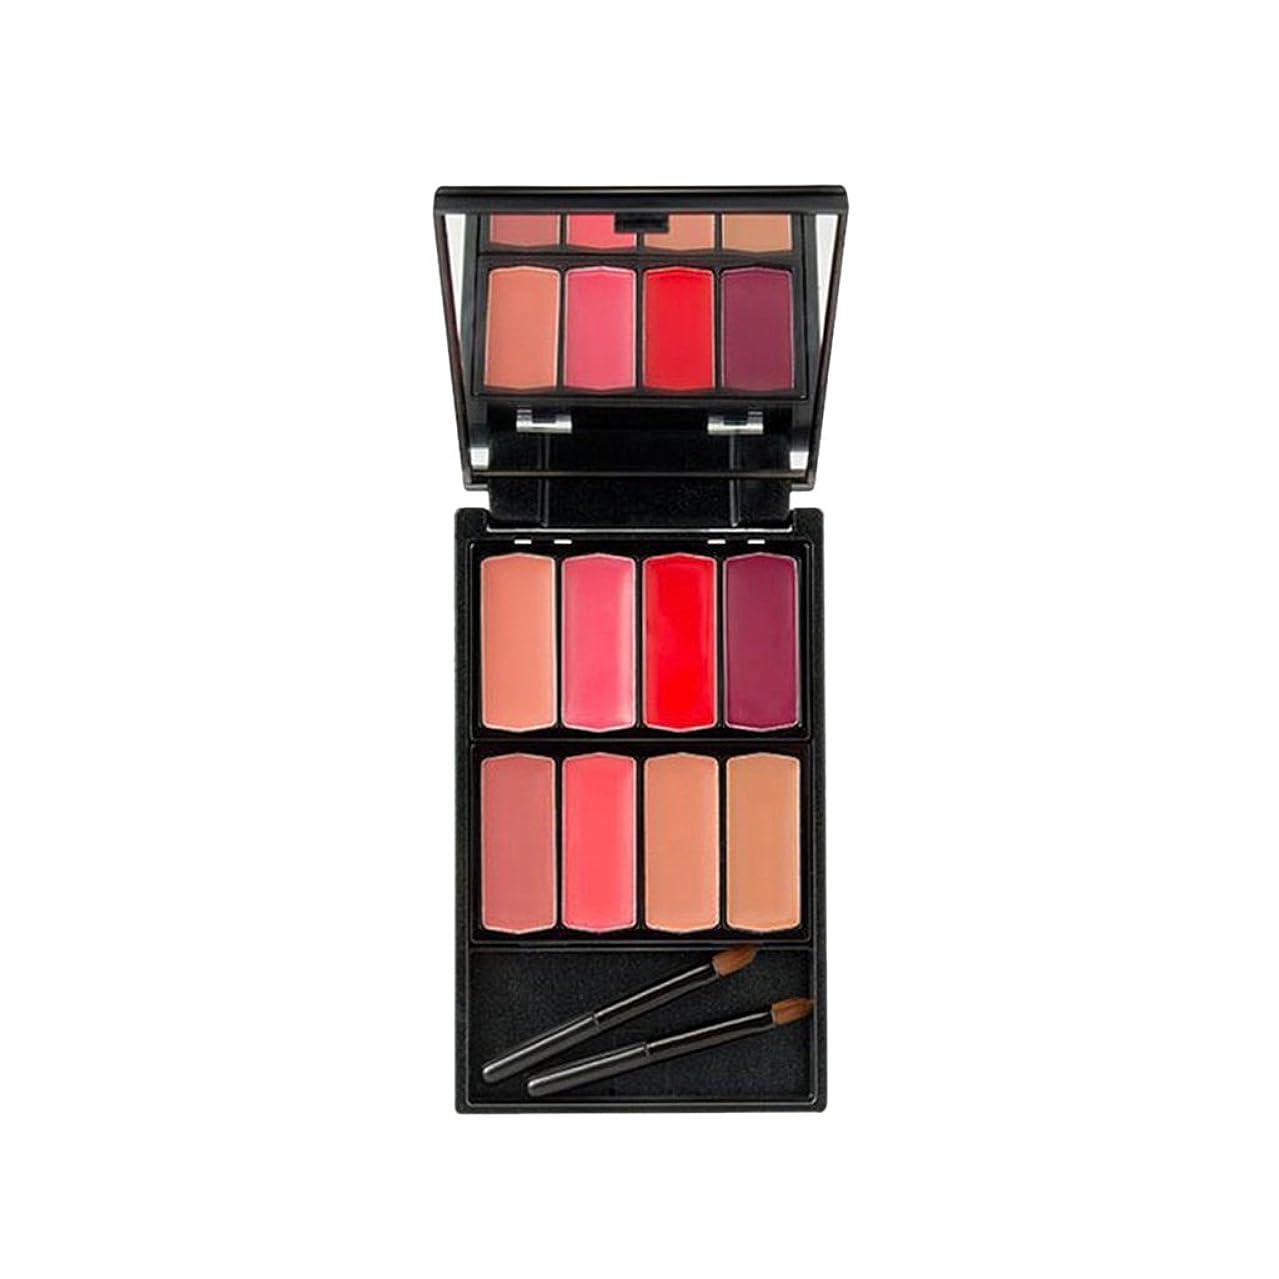 行進適用する平凡Homyl 8色入 口紅パレット リップグロス メイクアップパレット 唇メイク カラーメイク 化粧鏡 ミラー メイクアップブラシ 便利  - #2